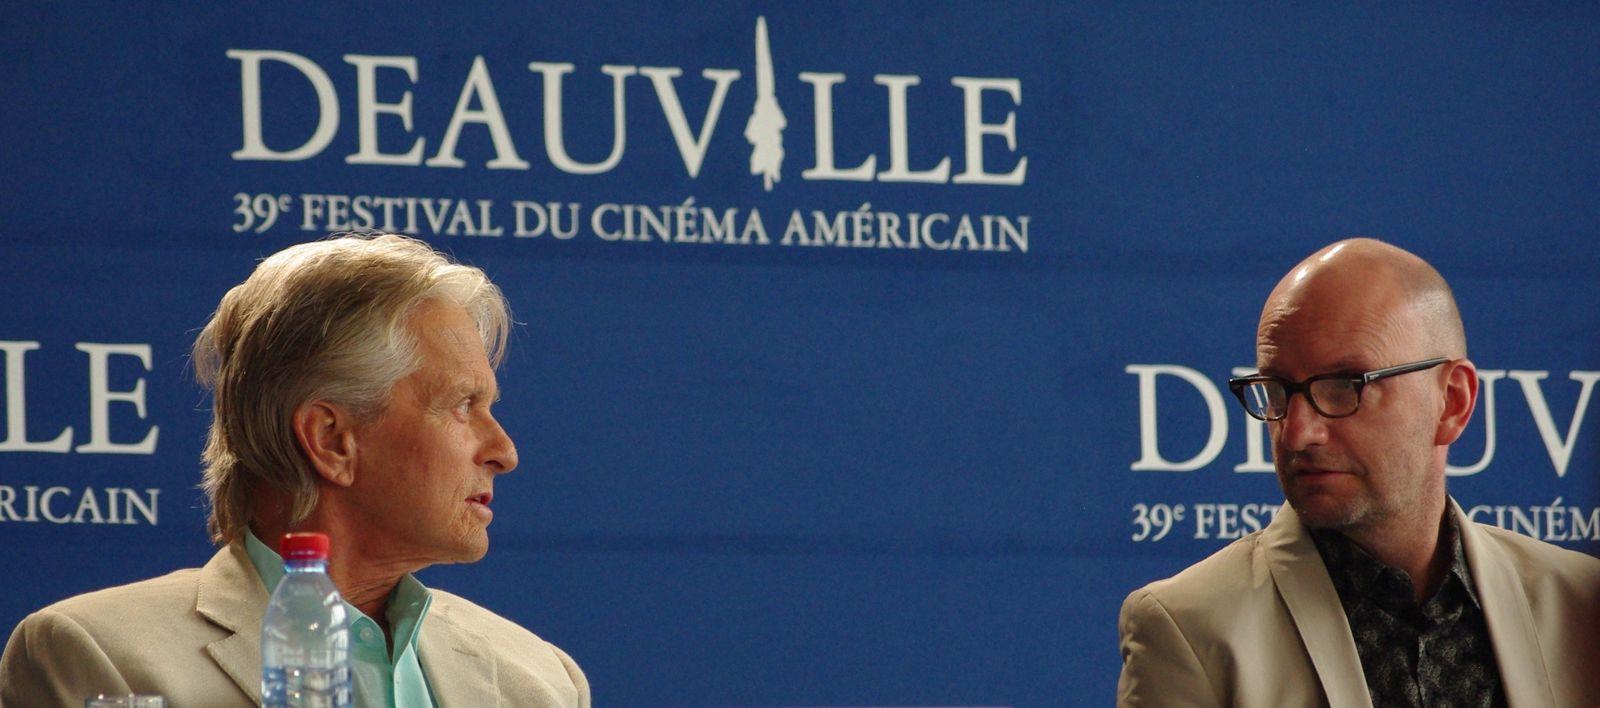 L'AMERIQUE DANS TOUS SES ETATS: VENGEANCE, FOLIE, RACISME et TELEVISION au 39ème Festival Américain de Deauville